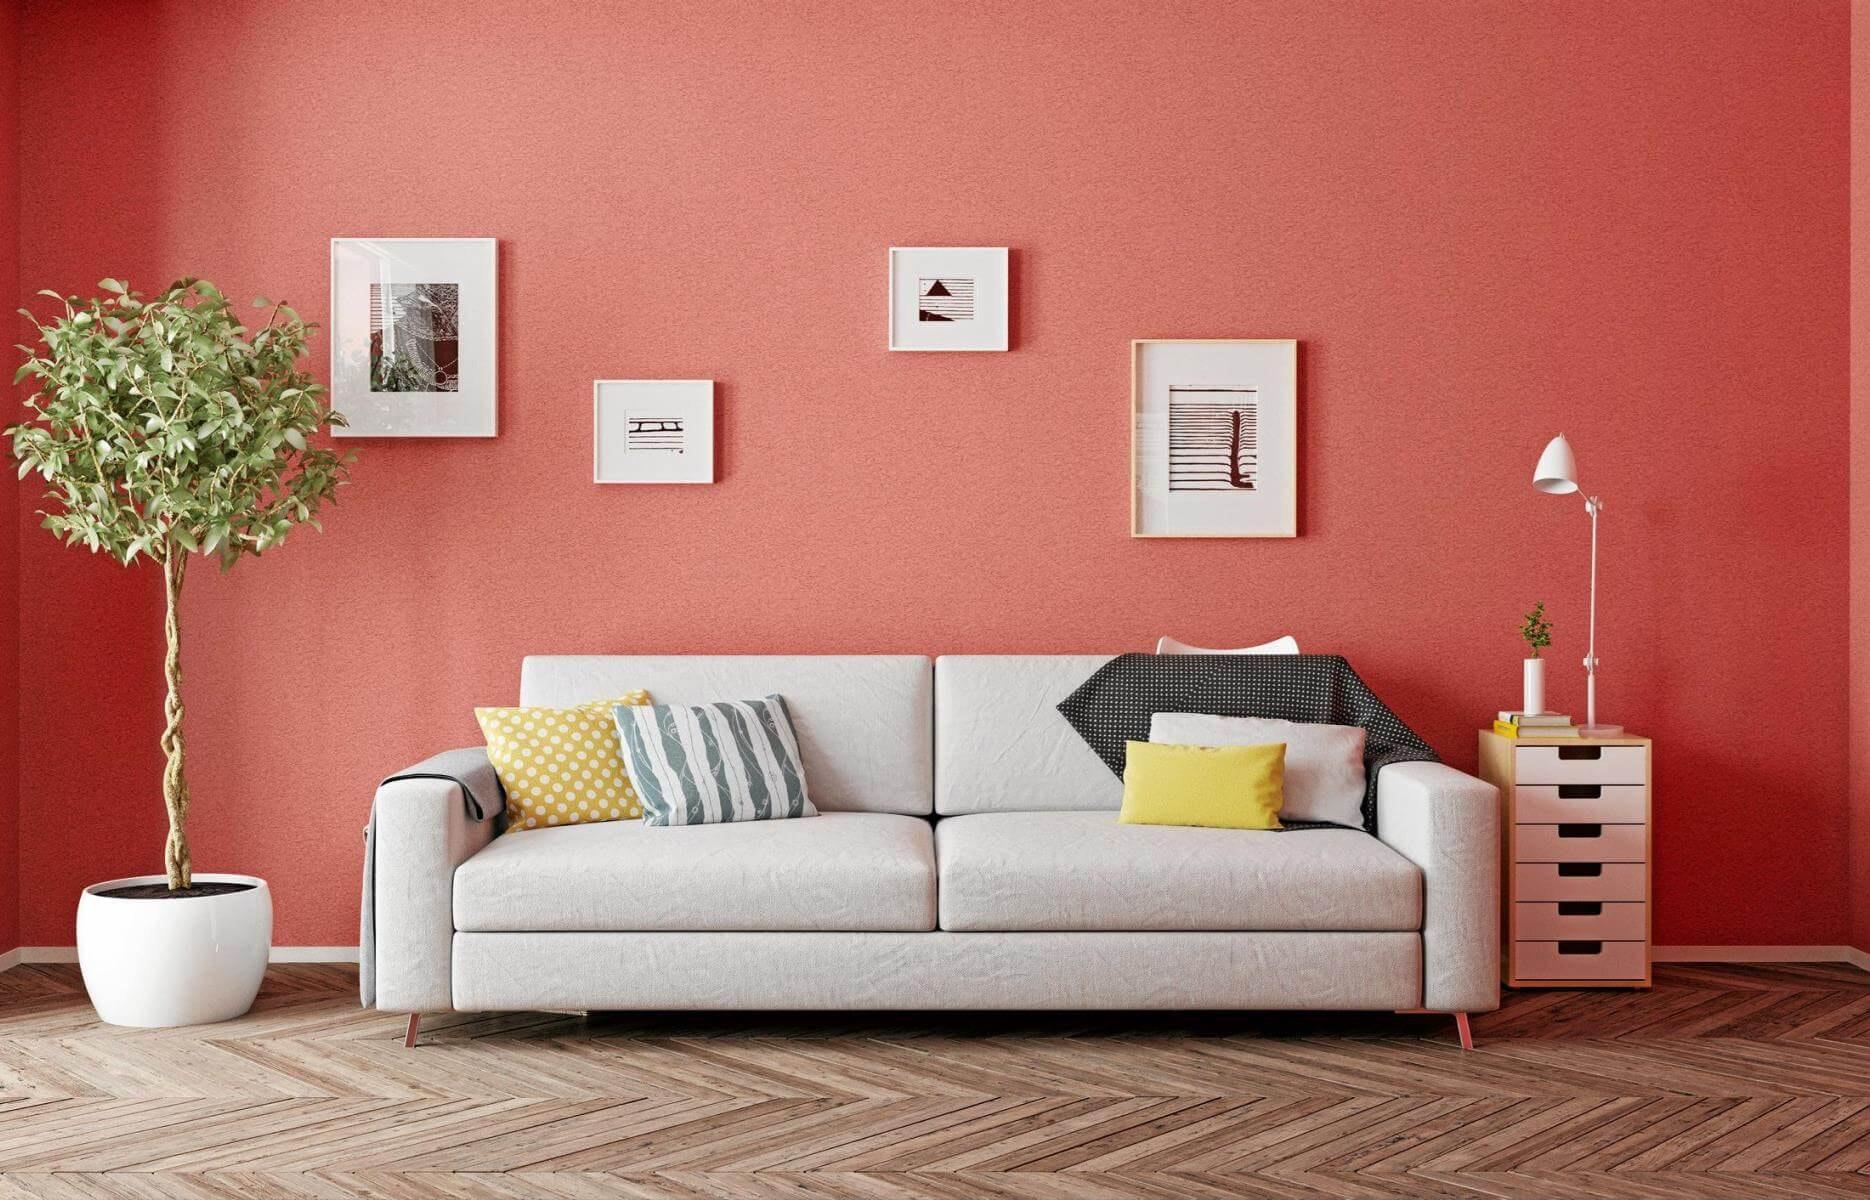 Travaux de peinture : quelle peinture choisir ?